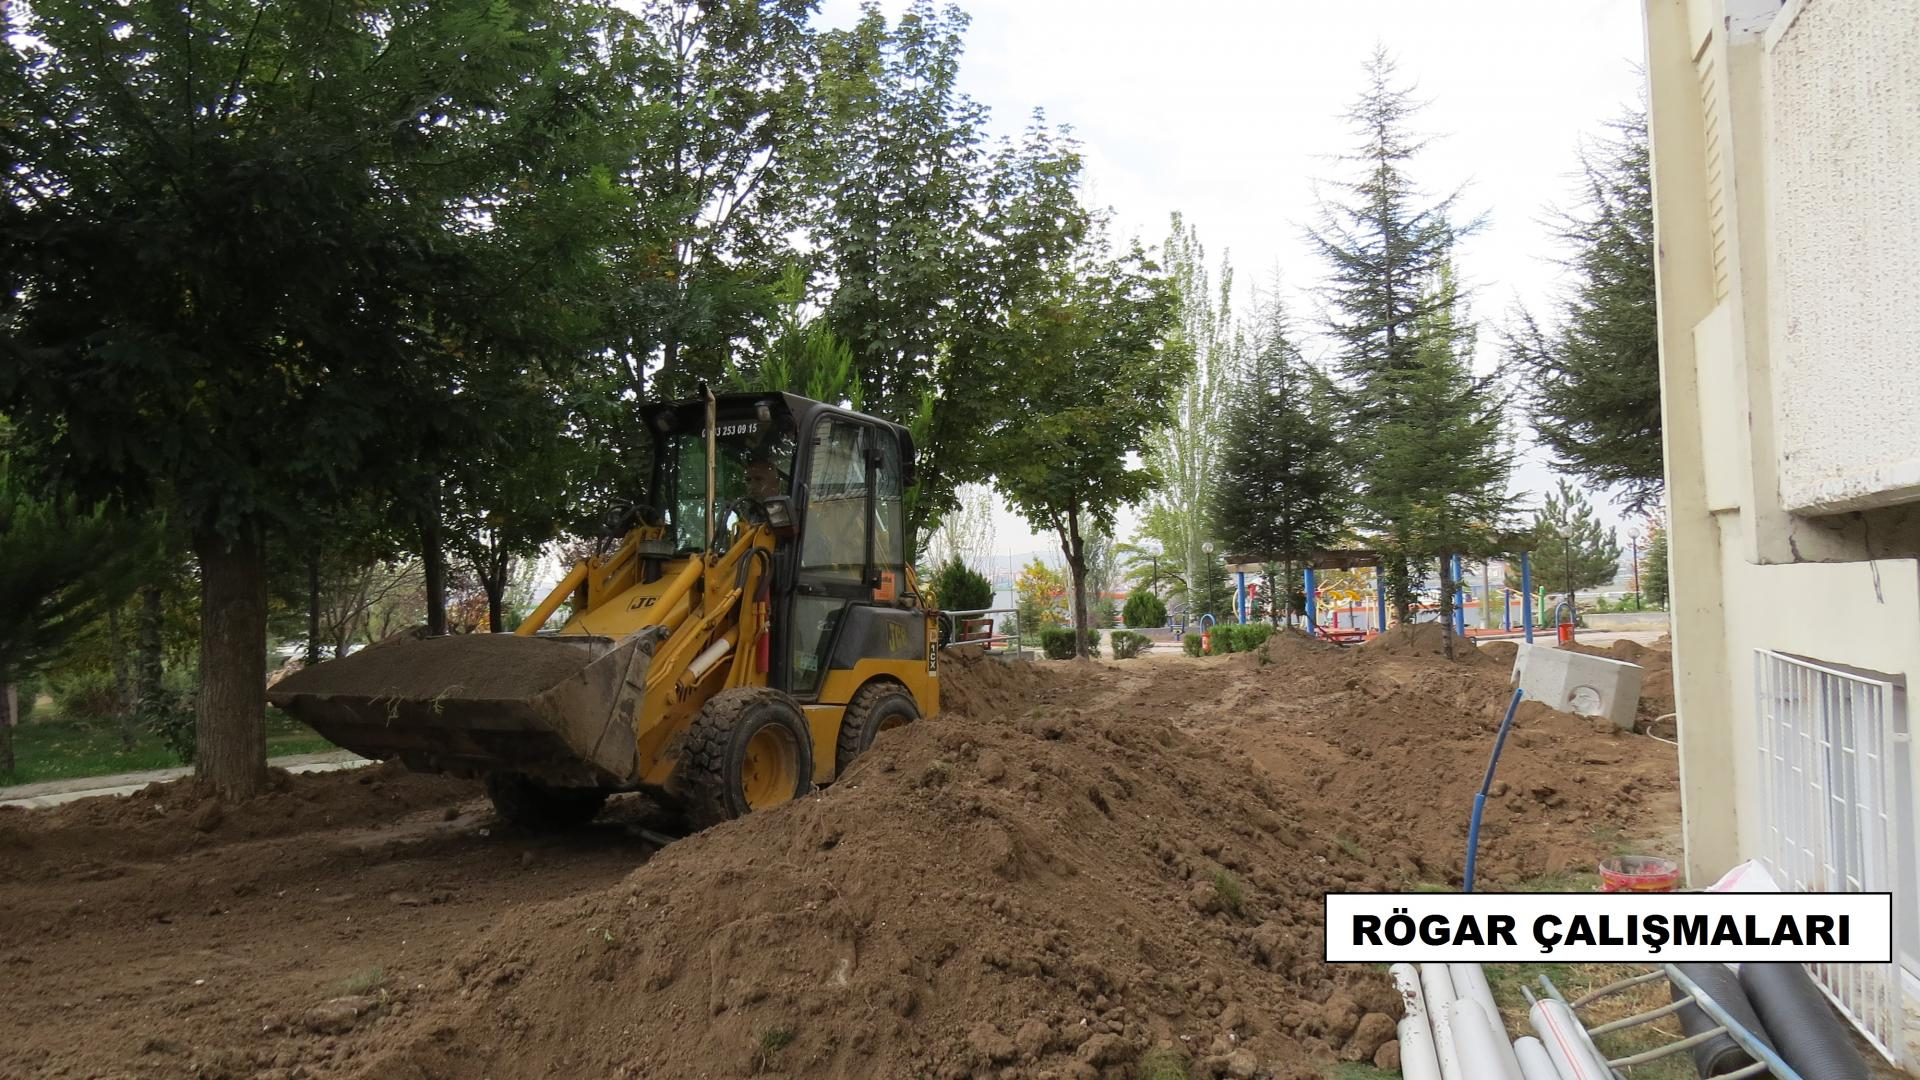 Rögar Çalışmaları 1485076811 277